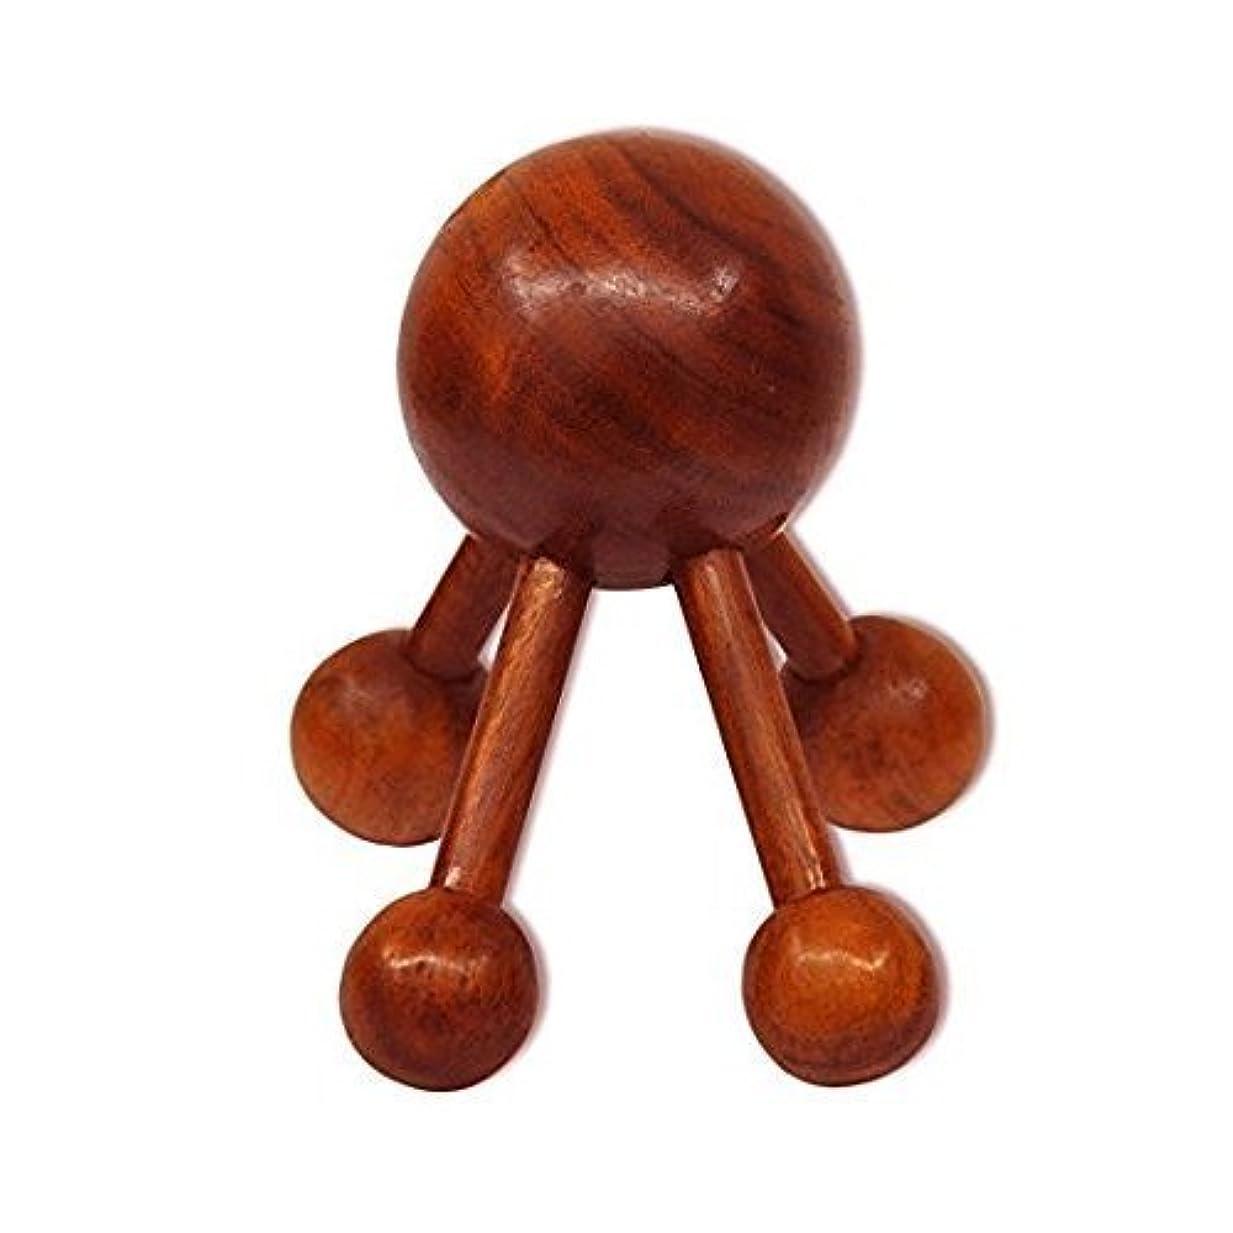 膨らませる奨学金次へMARUKOA - Spider Massage Shape Massager Shoulder & Body Back Tool